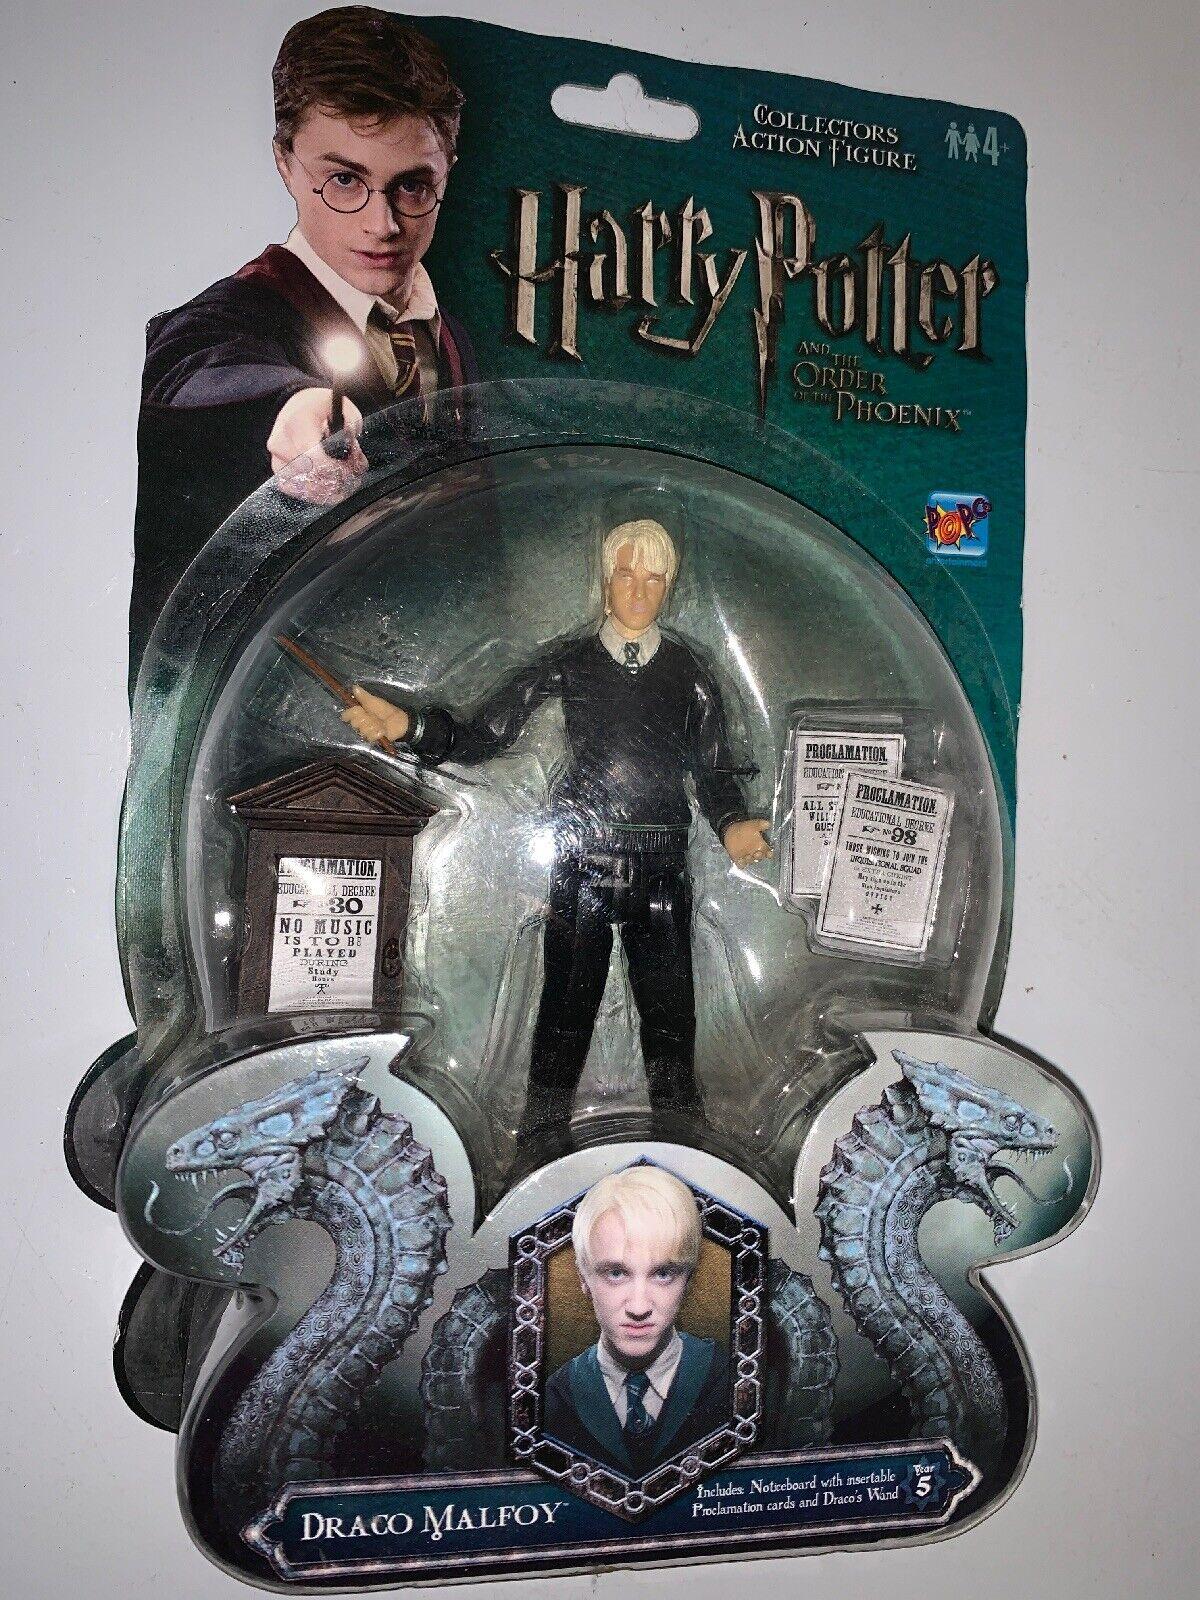 Draco Malfoy Popco Action Figur 3  4 65533;65533; UK Exklusiv Harry krukmakare Order Phoenix